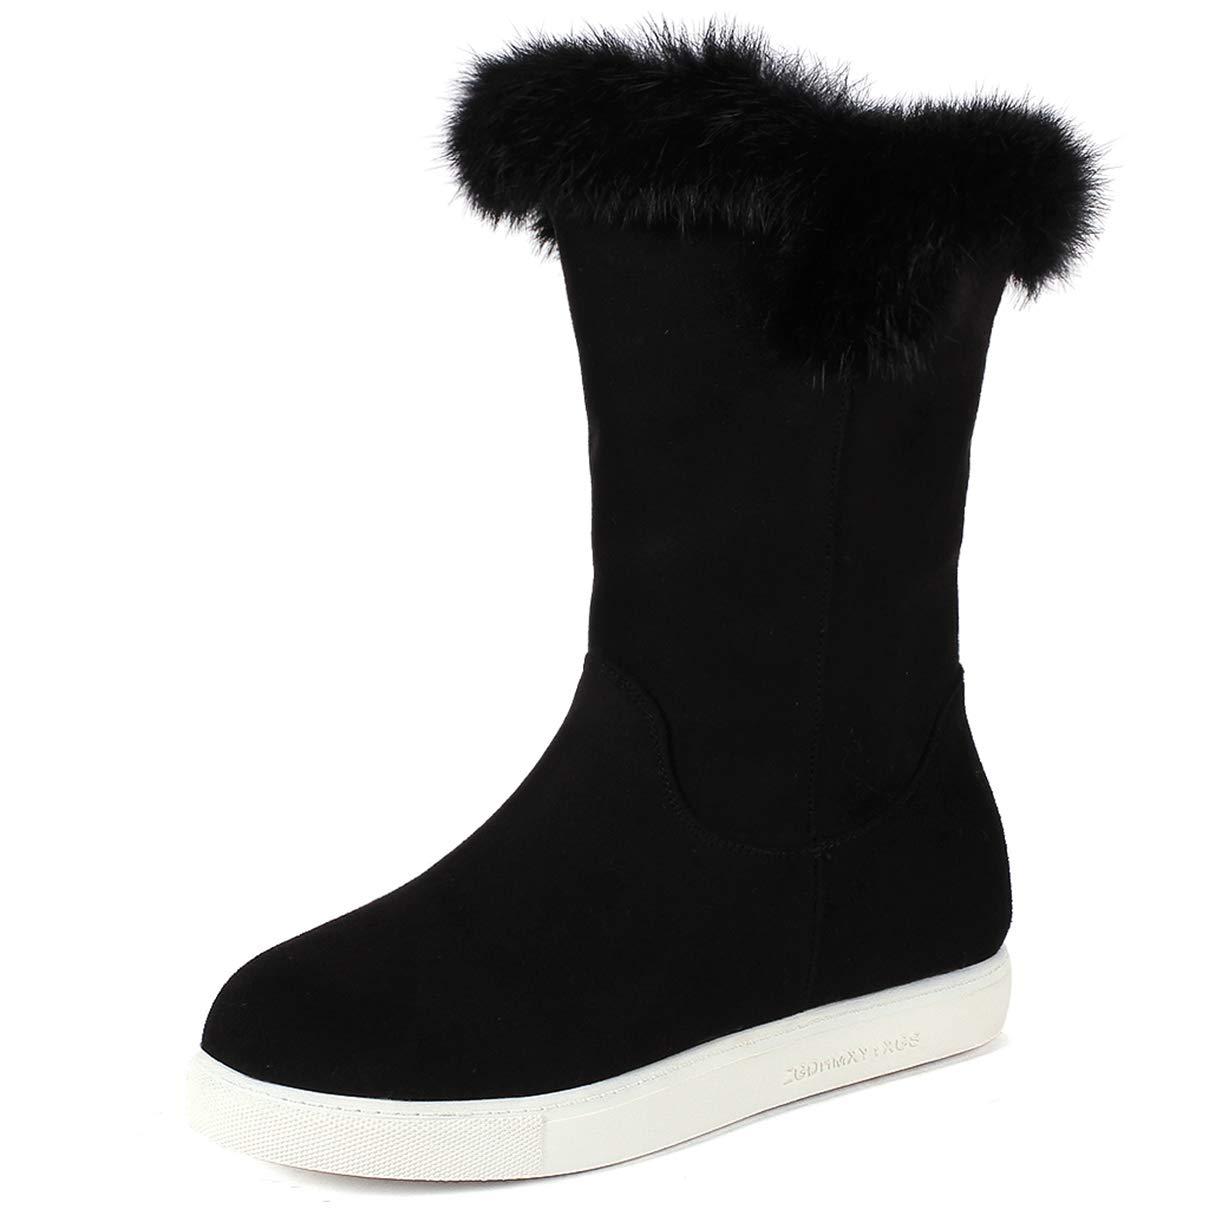 JYshoes , Neige Bottes de Neige B071XD6HY3 Femme , Noir 6e5c492 - piero.space